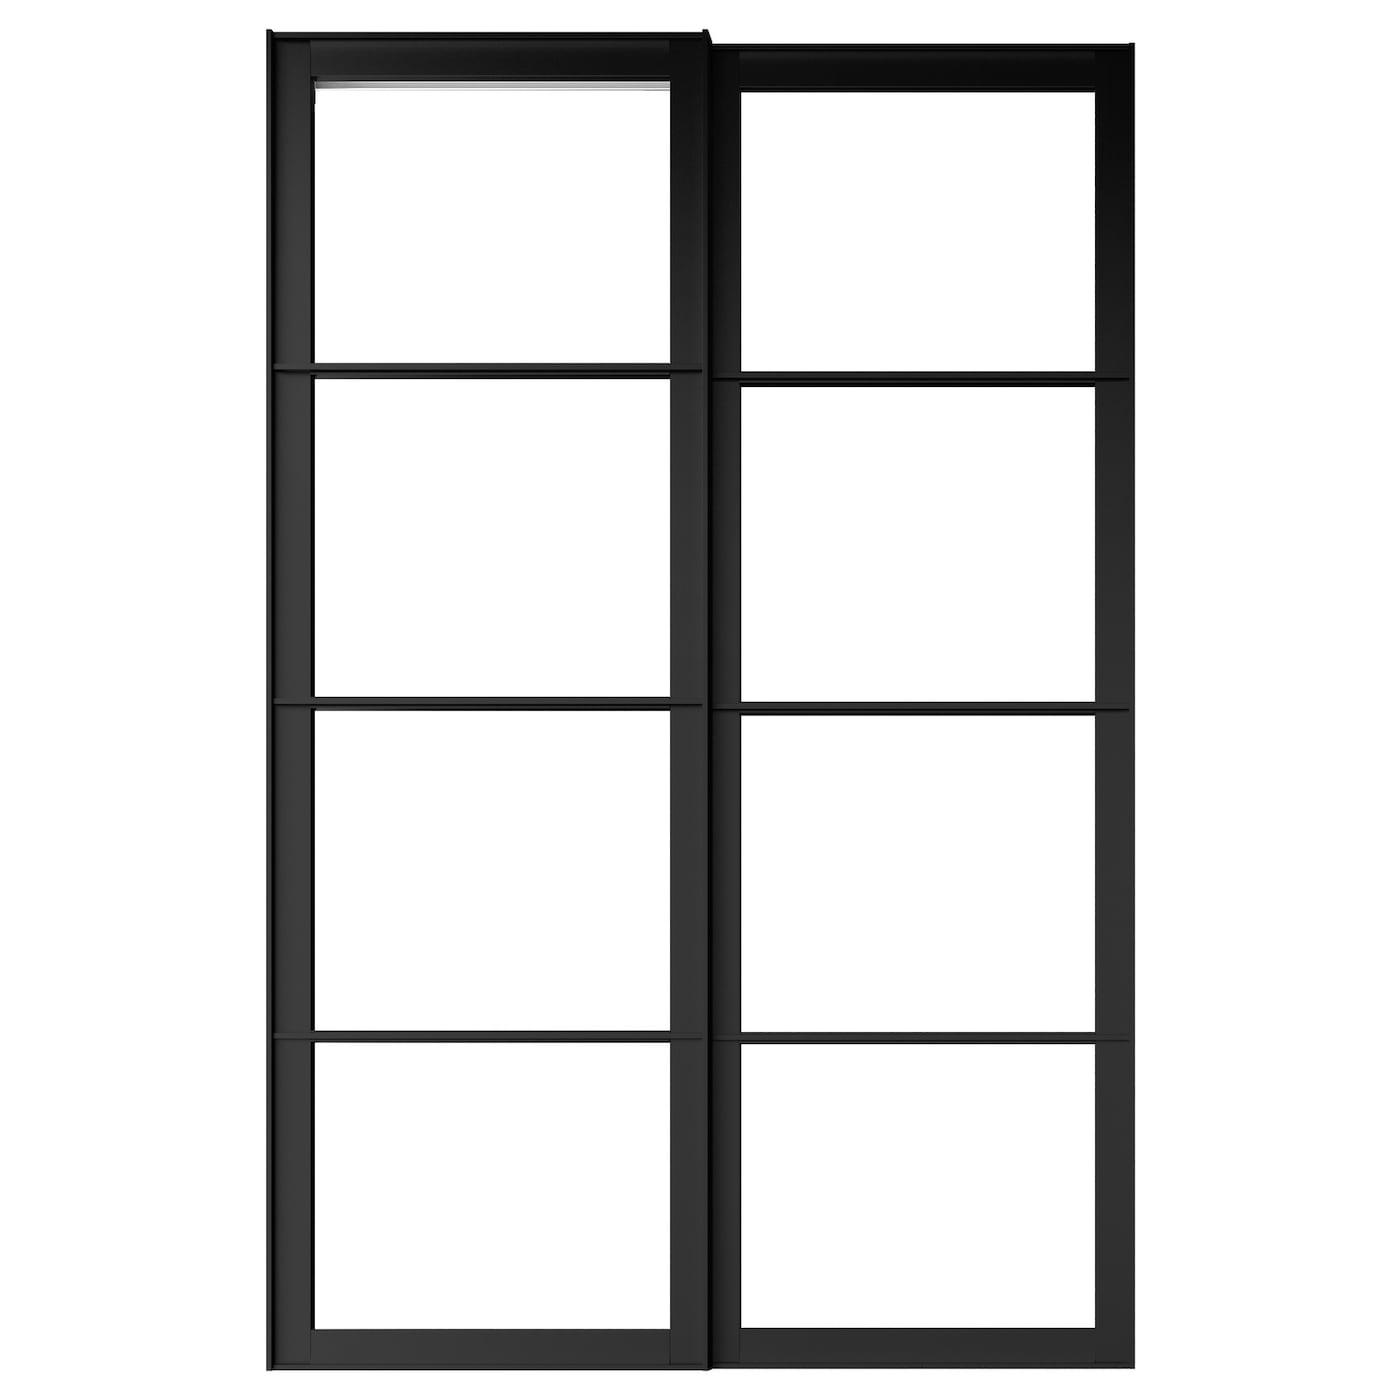 Pax Cadre Porte Coulissante 2pces Noir 150x236 Cm Ikea